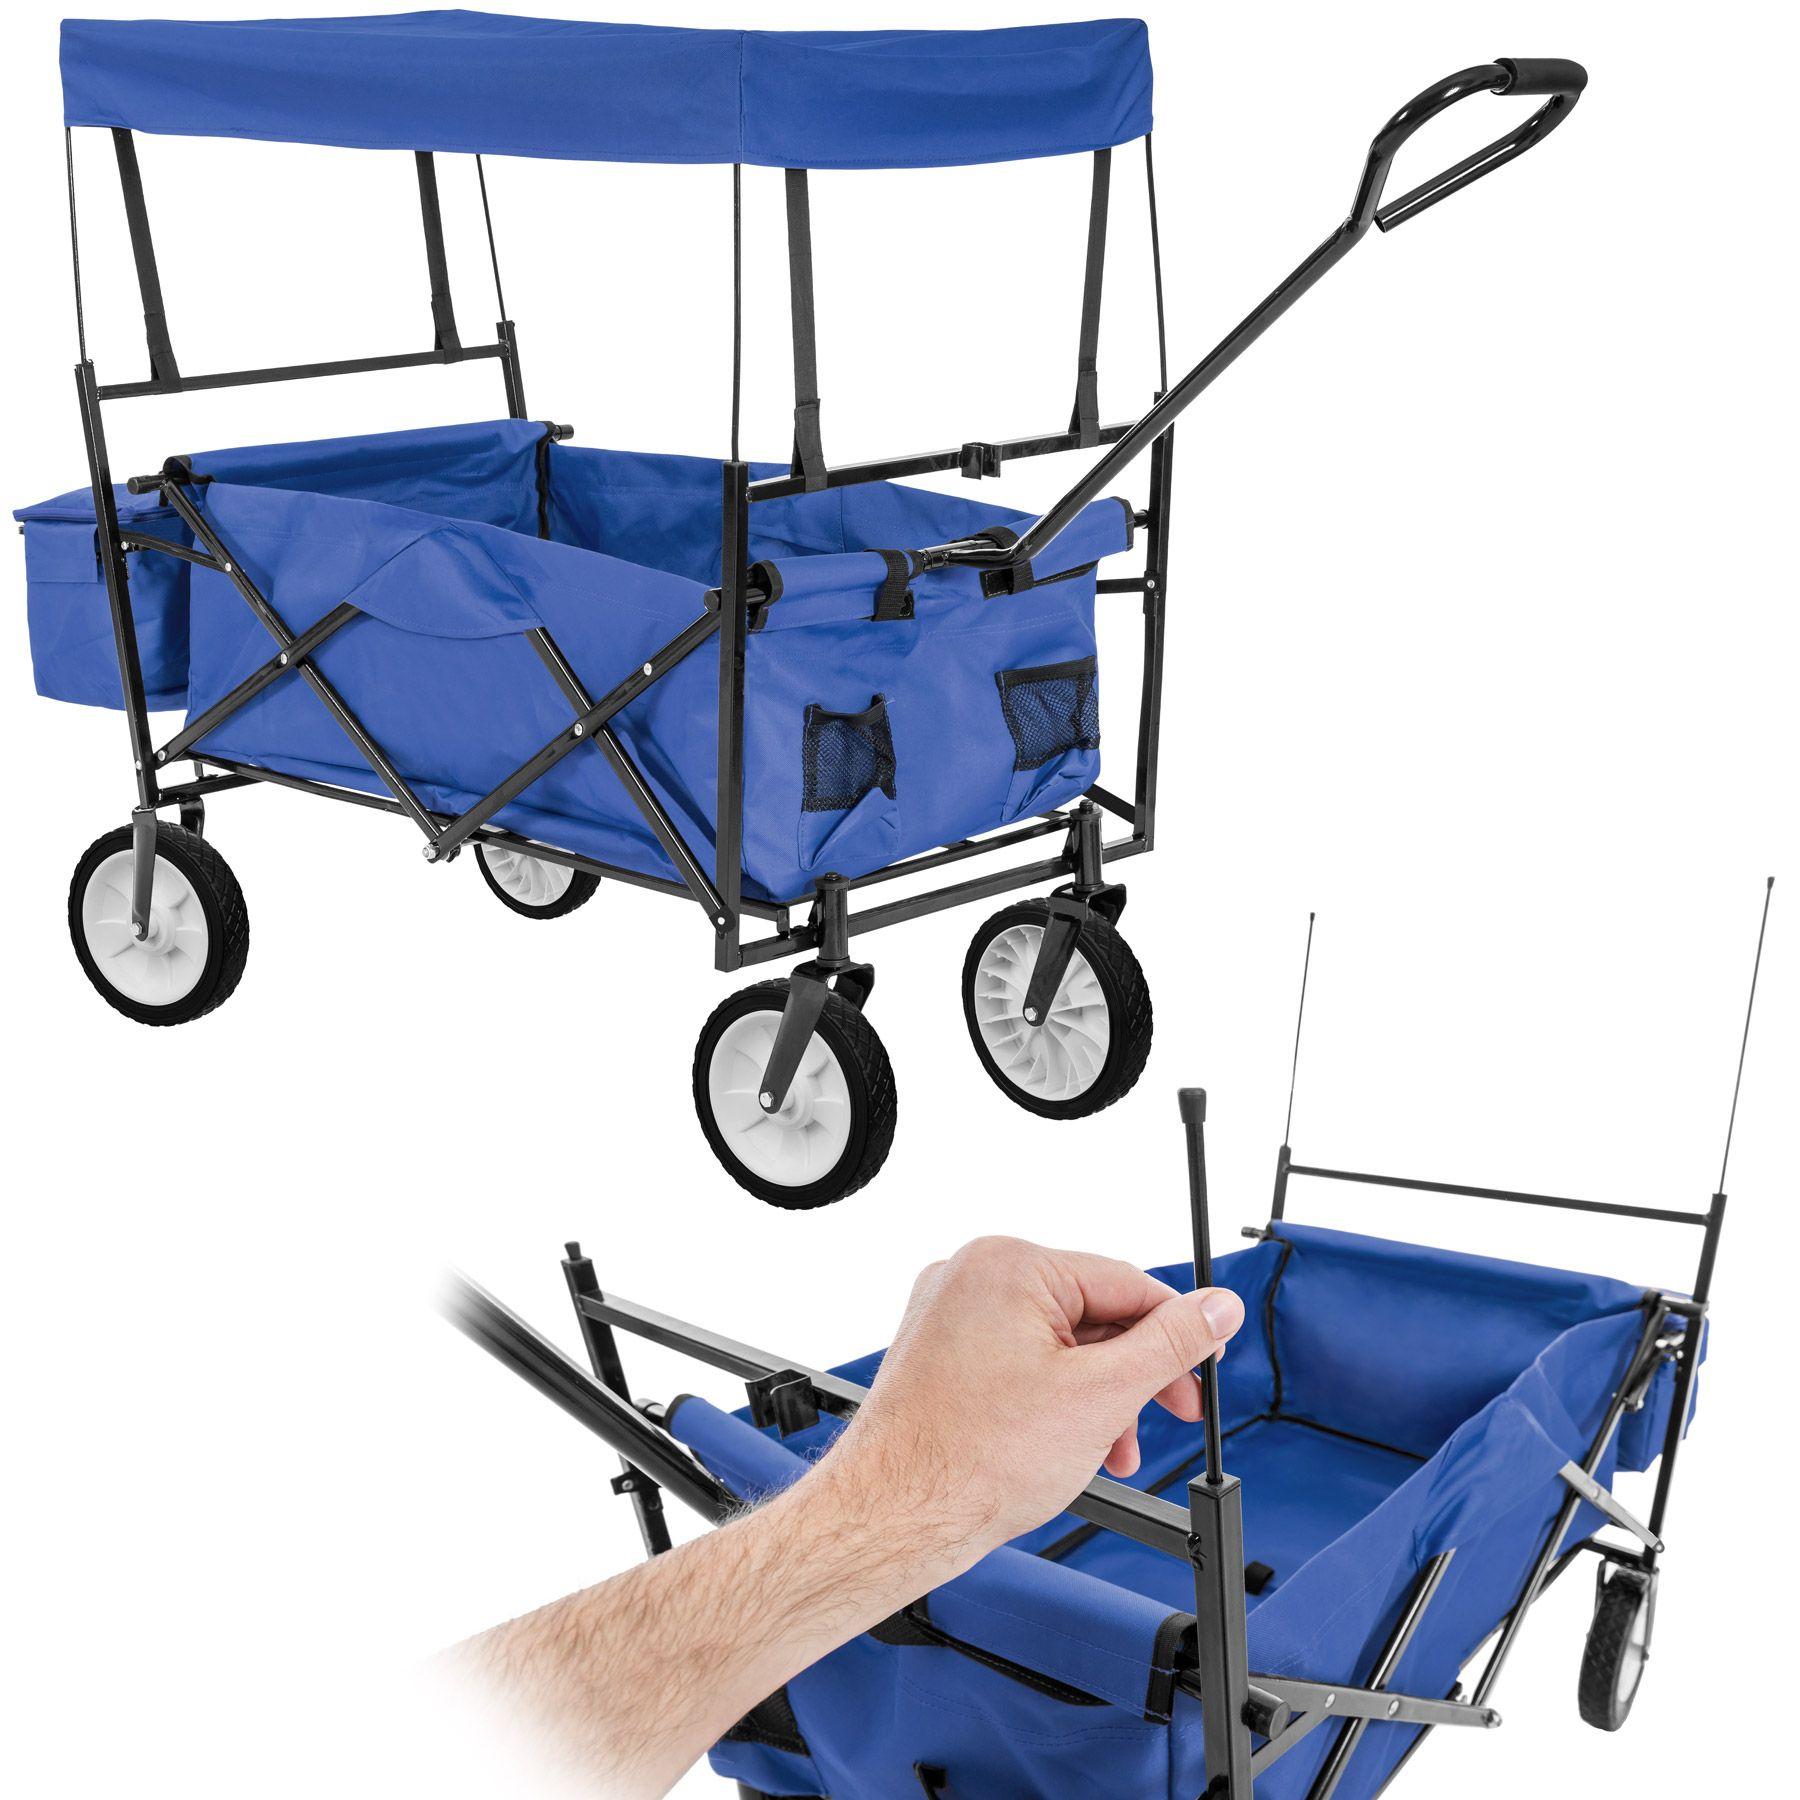 bollerwagen mit dach klappbar faltbar handwagen gartenwagen transportkarre blau ebay. Black Bedroom Furniture Sets. Home Design Ideas